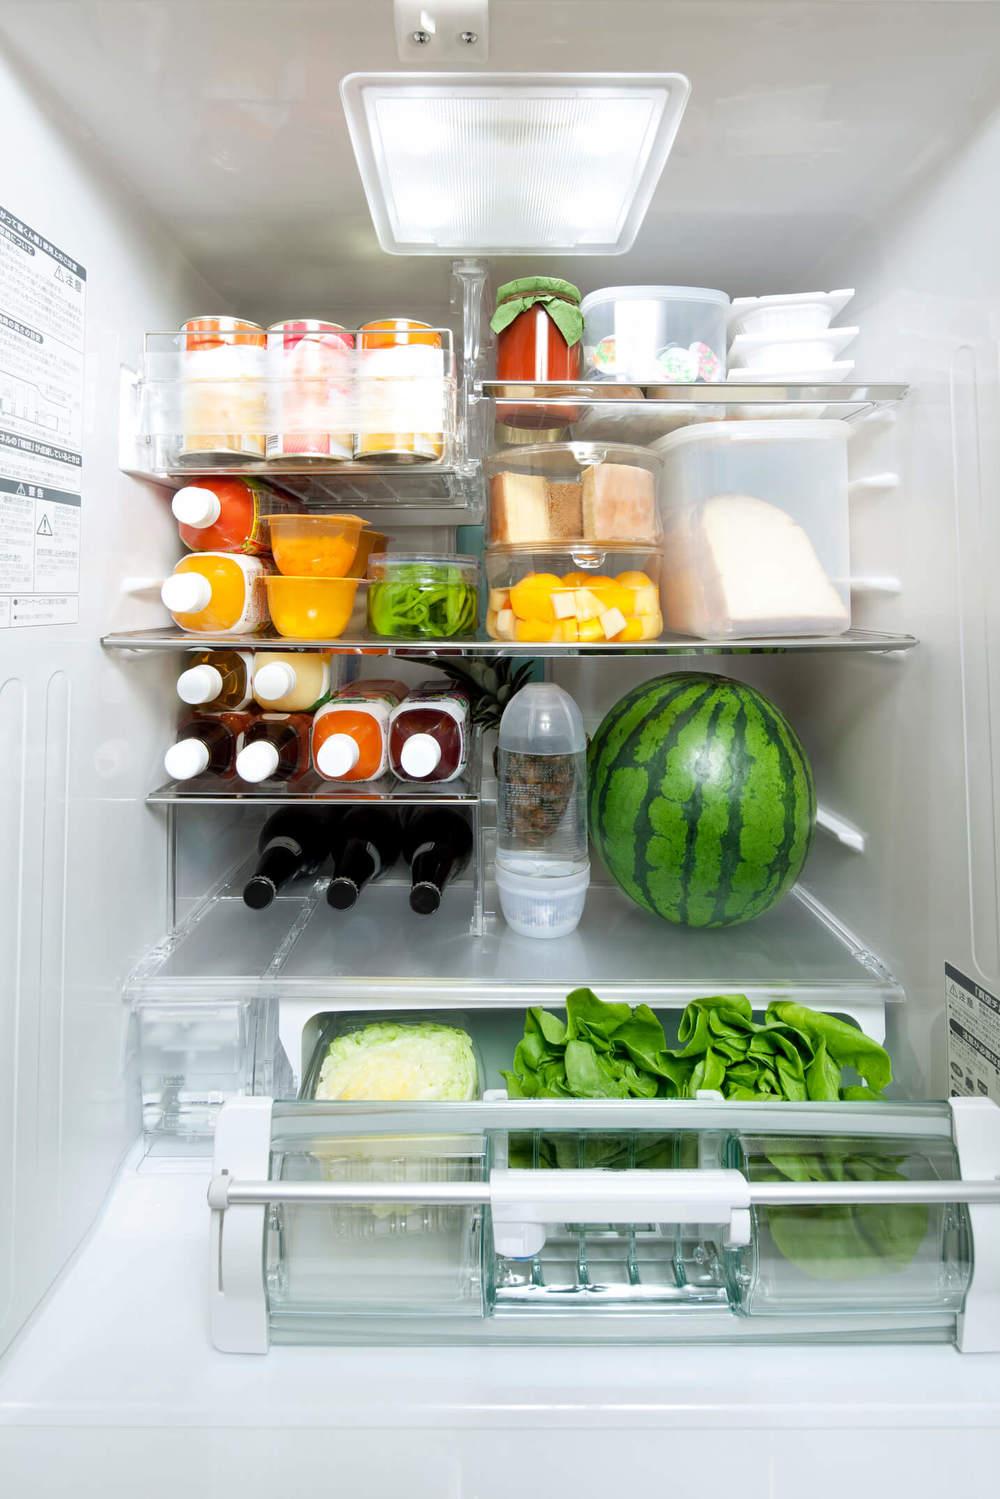 冷蔵庫の保管した食品